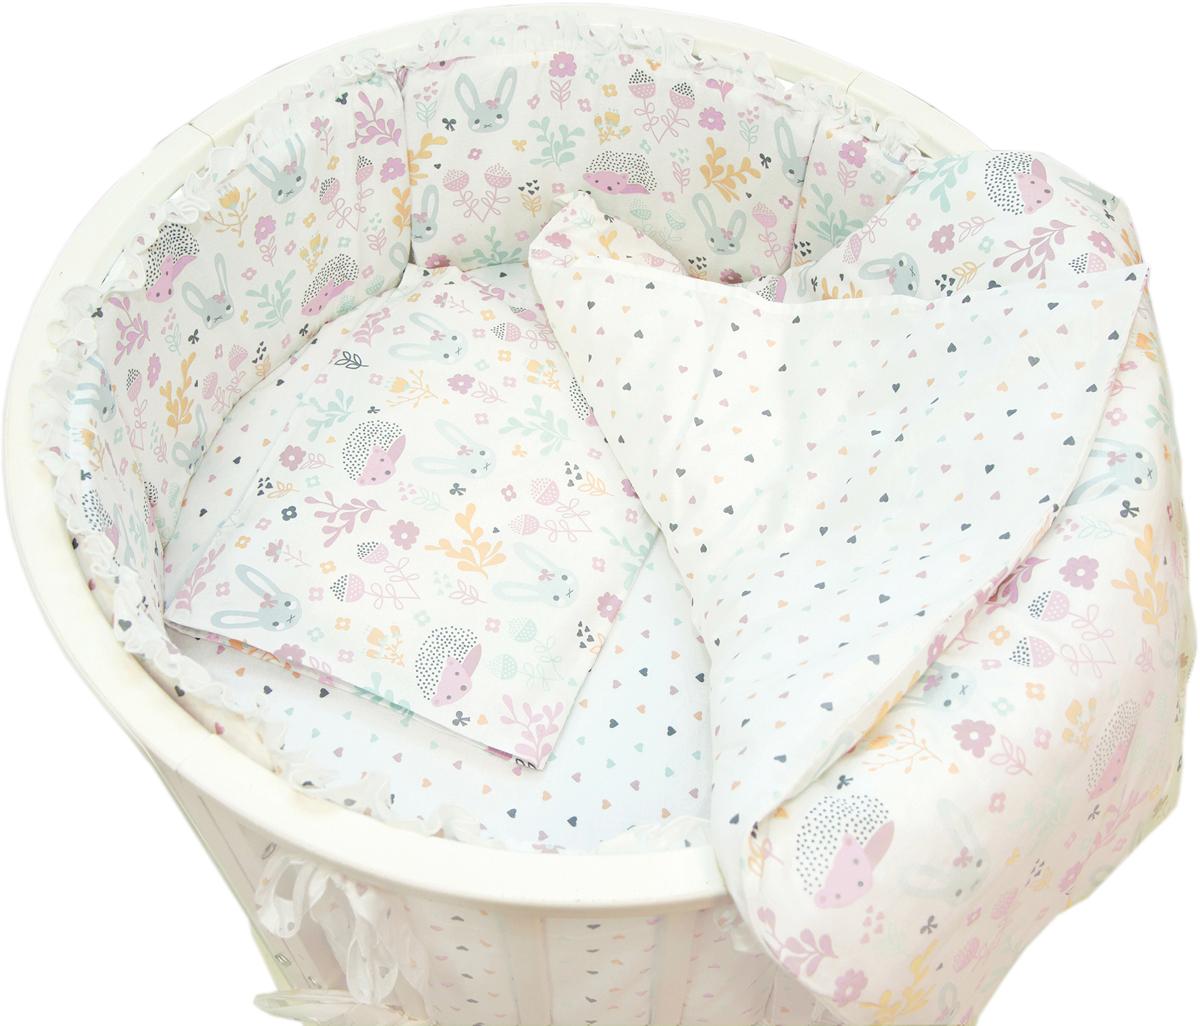 Baby Nice Борт комбинированный Лесная поляна цвет белый розовый 2 шт S833/1 -  Бортики, бамперы